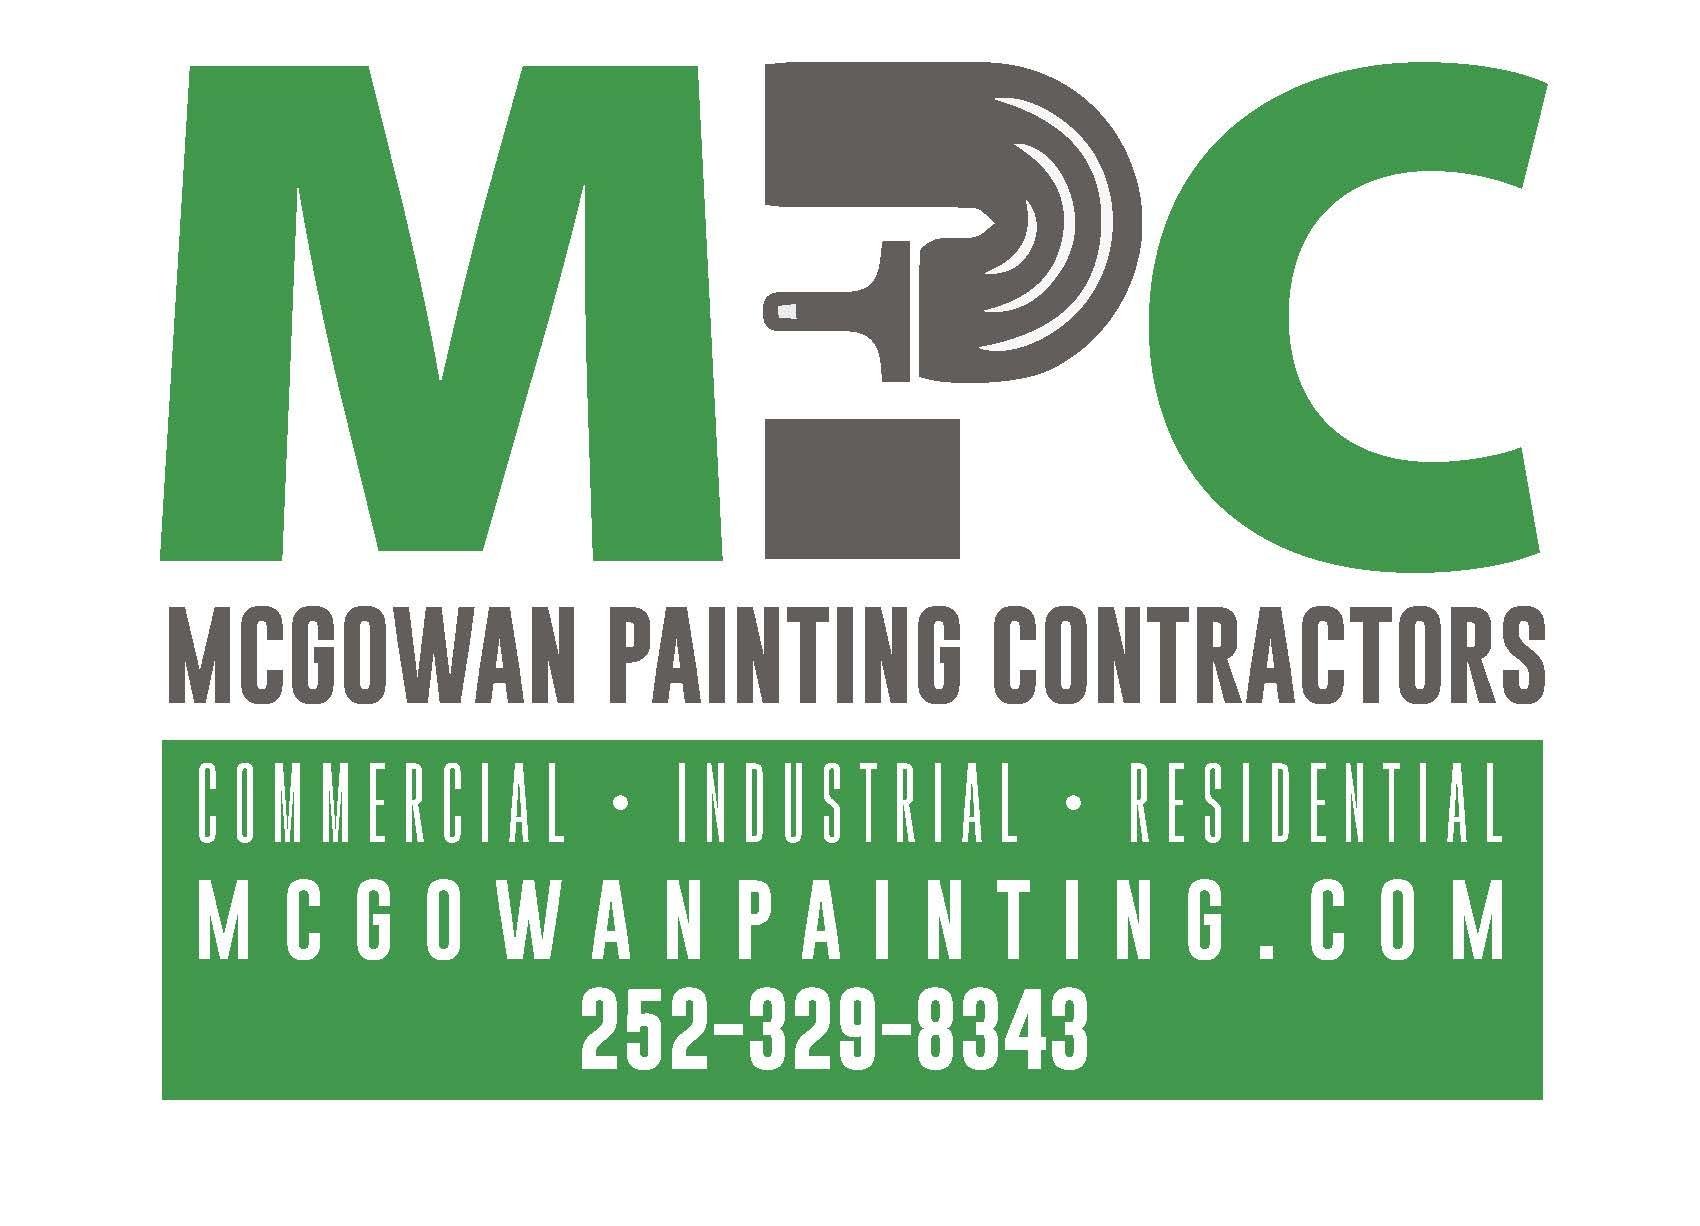 Sponsor McGowan Painting Contractors